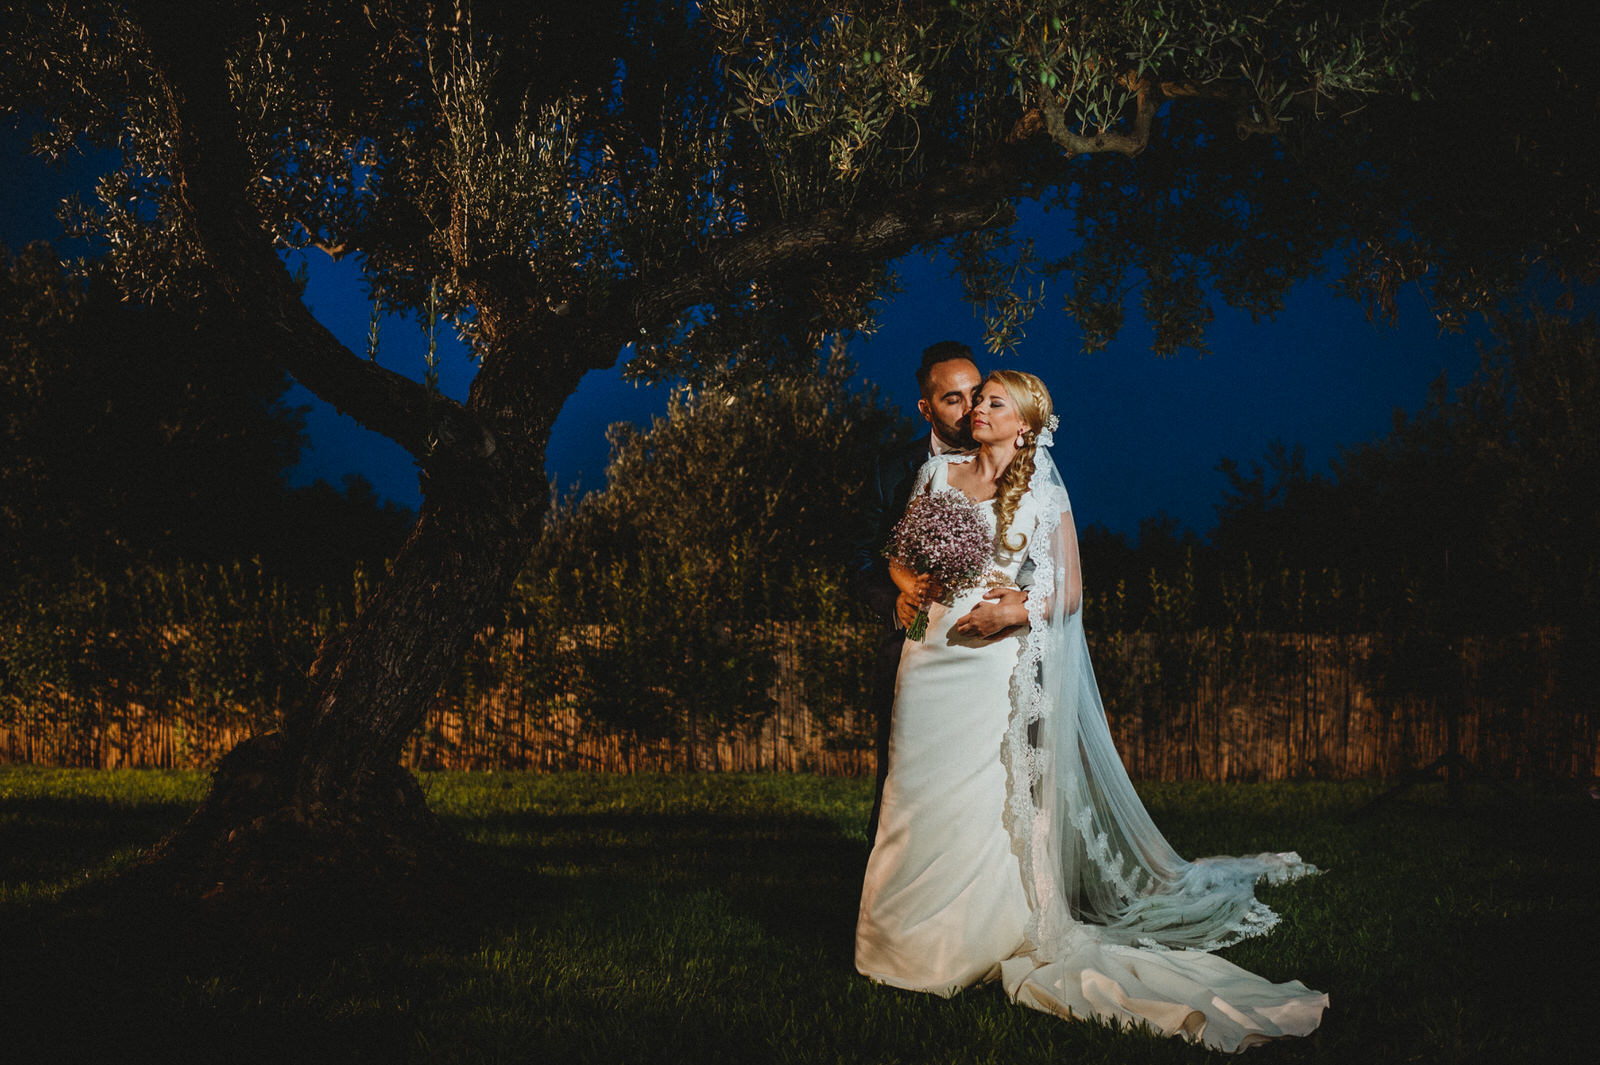 Fotografo de boda en Utrera- Hacienda Cerca de Aragon - María & Antonio - Andrés Amarillo (18).JPG